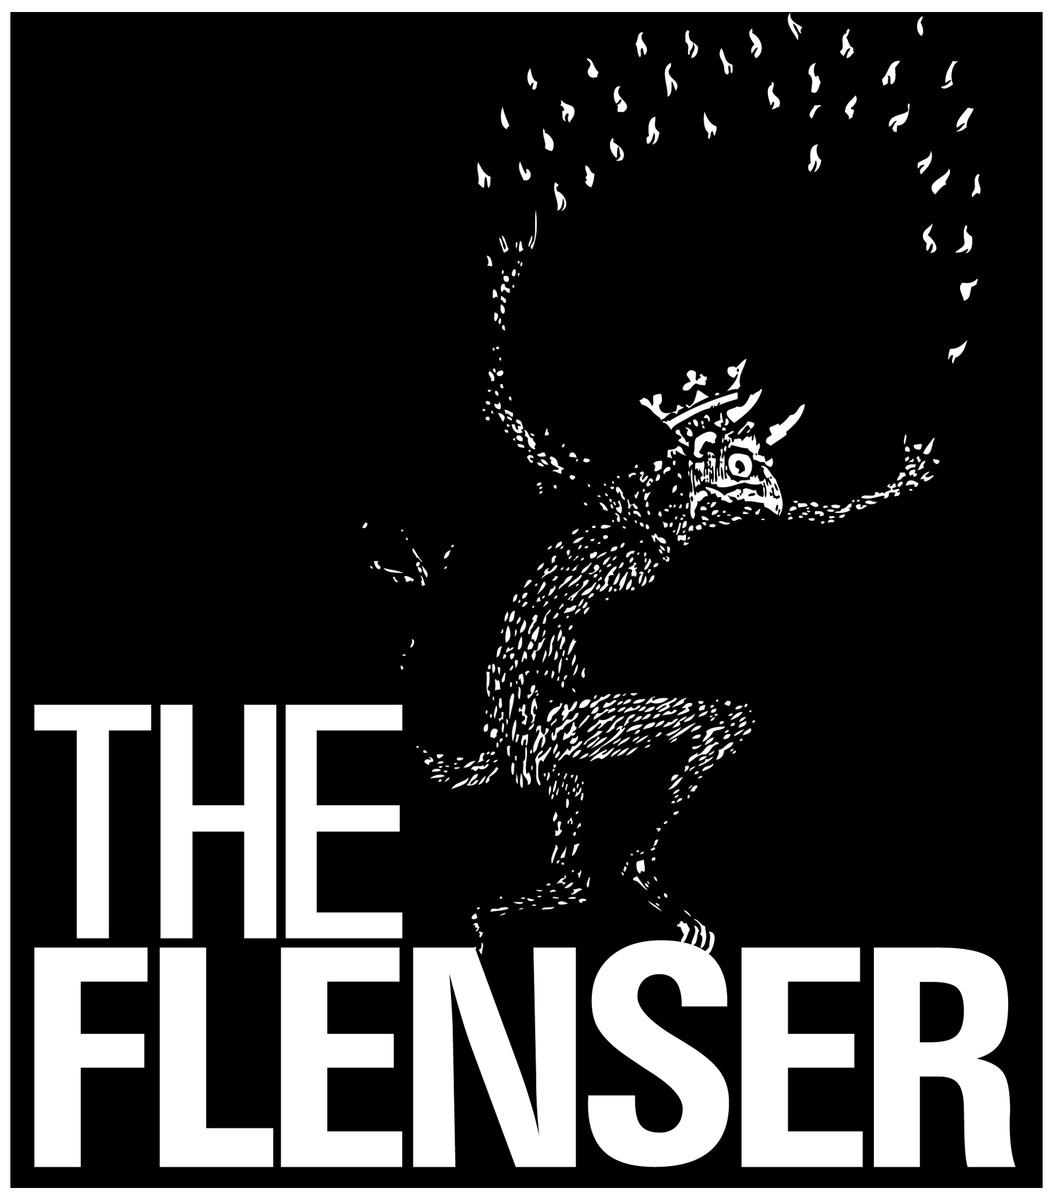 Flenser